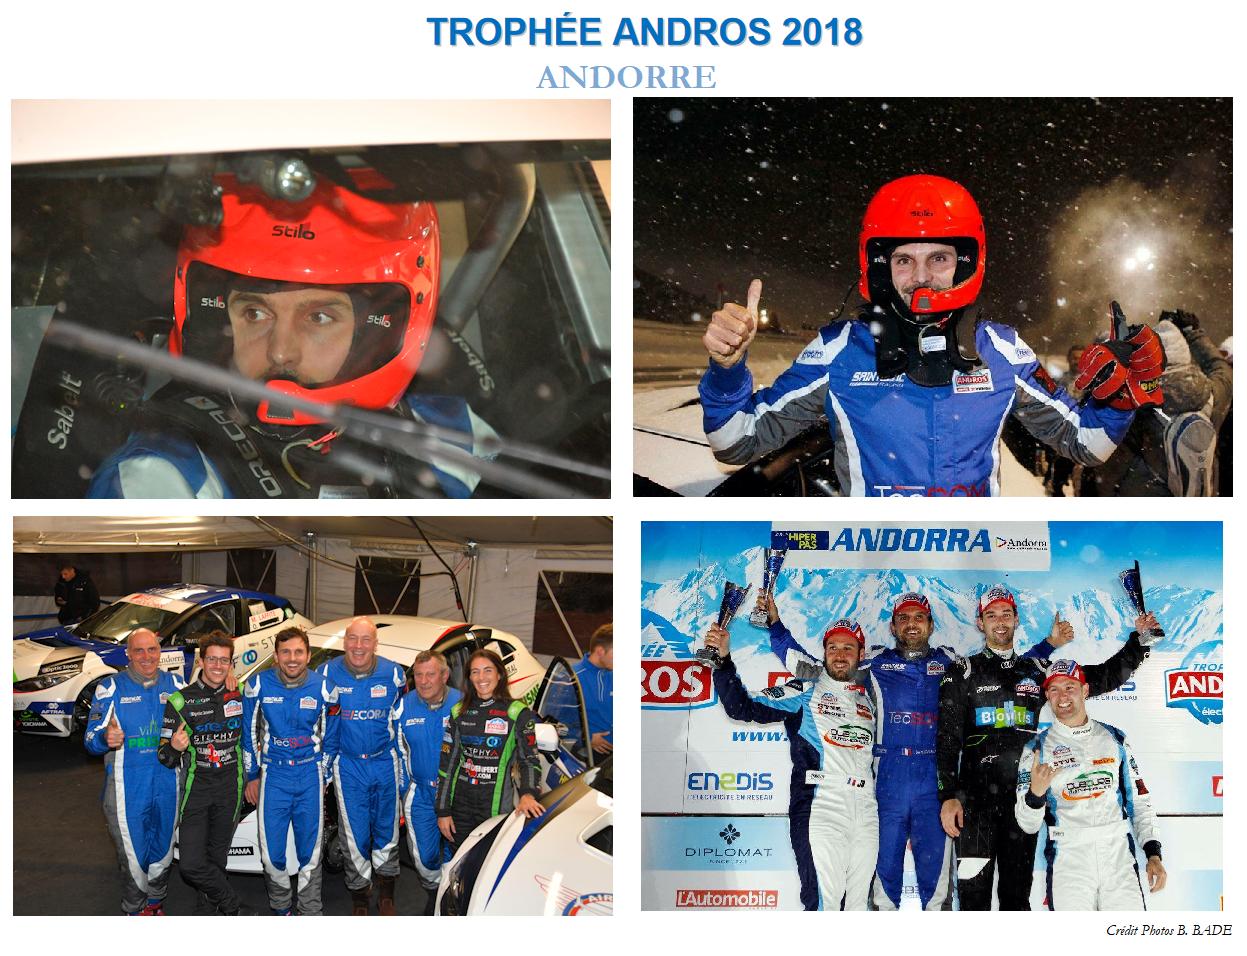 Trophée Andros 2018 Andorre 2